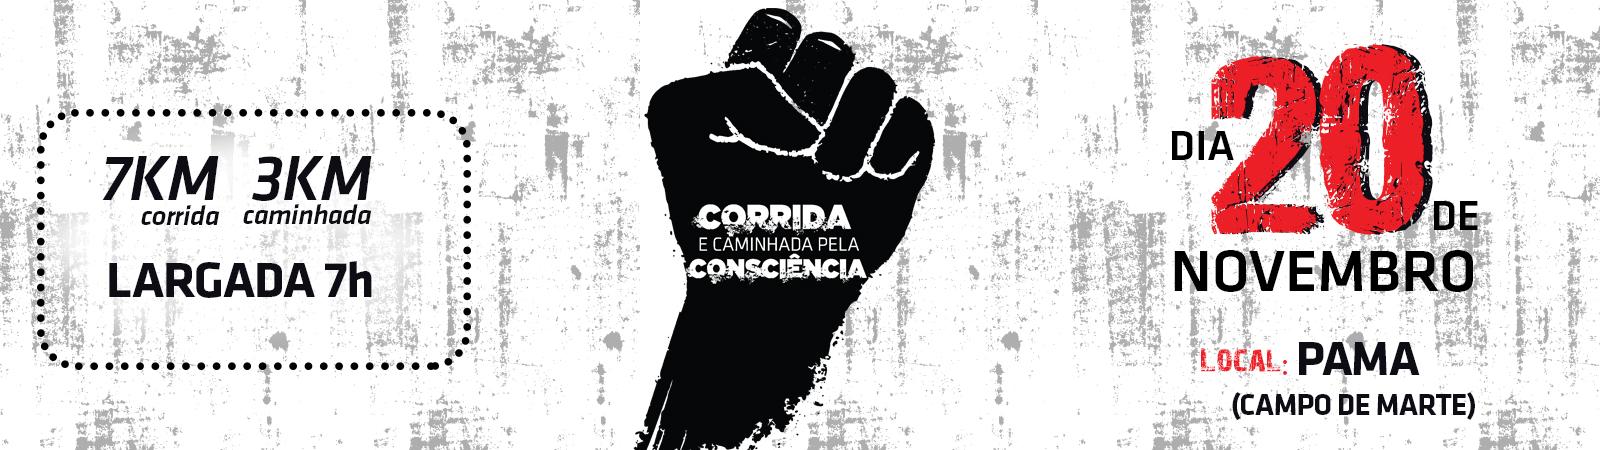 CORRIDA DA CONSCIÊNCIA - Imagem de topo